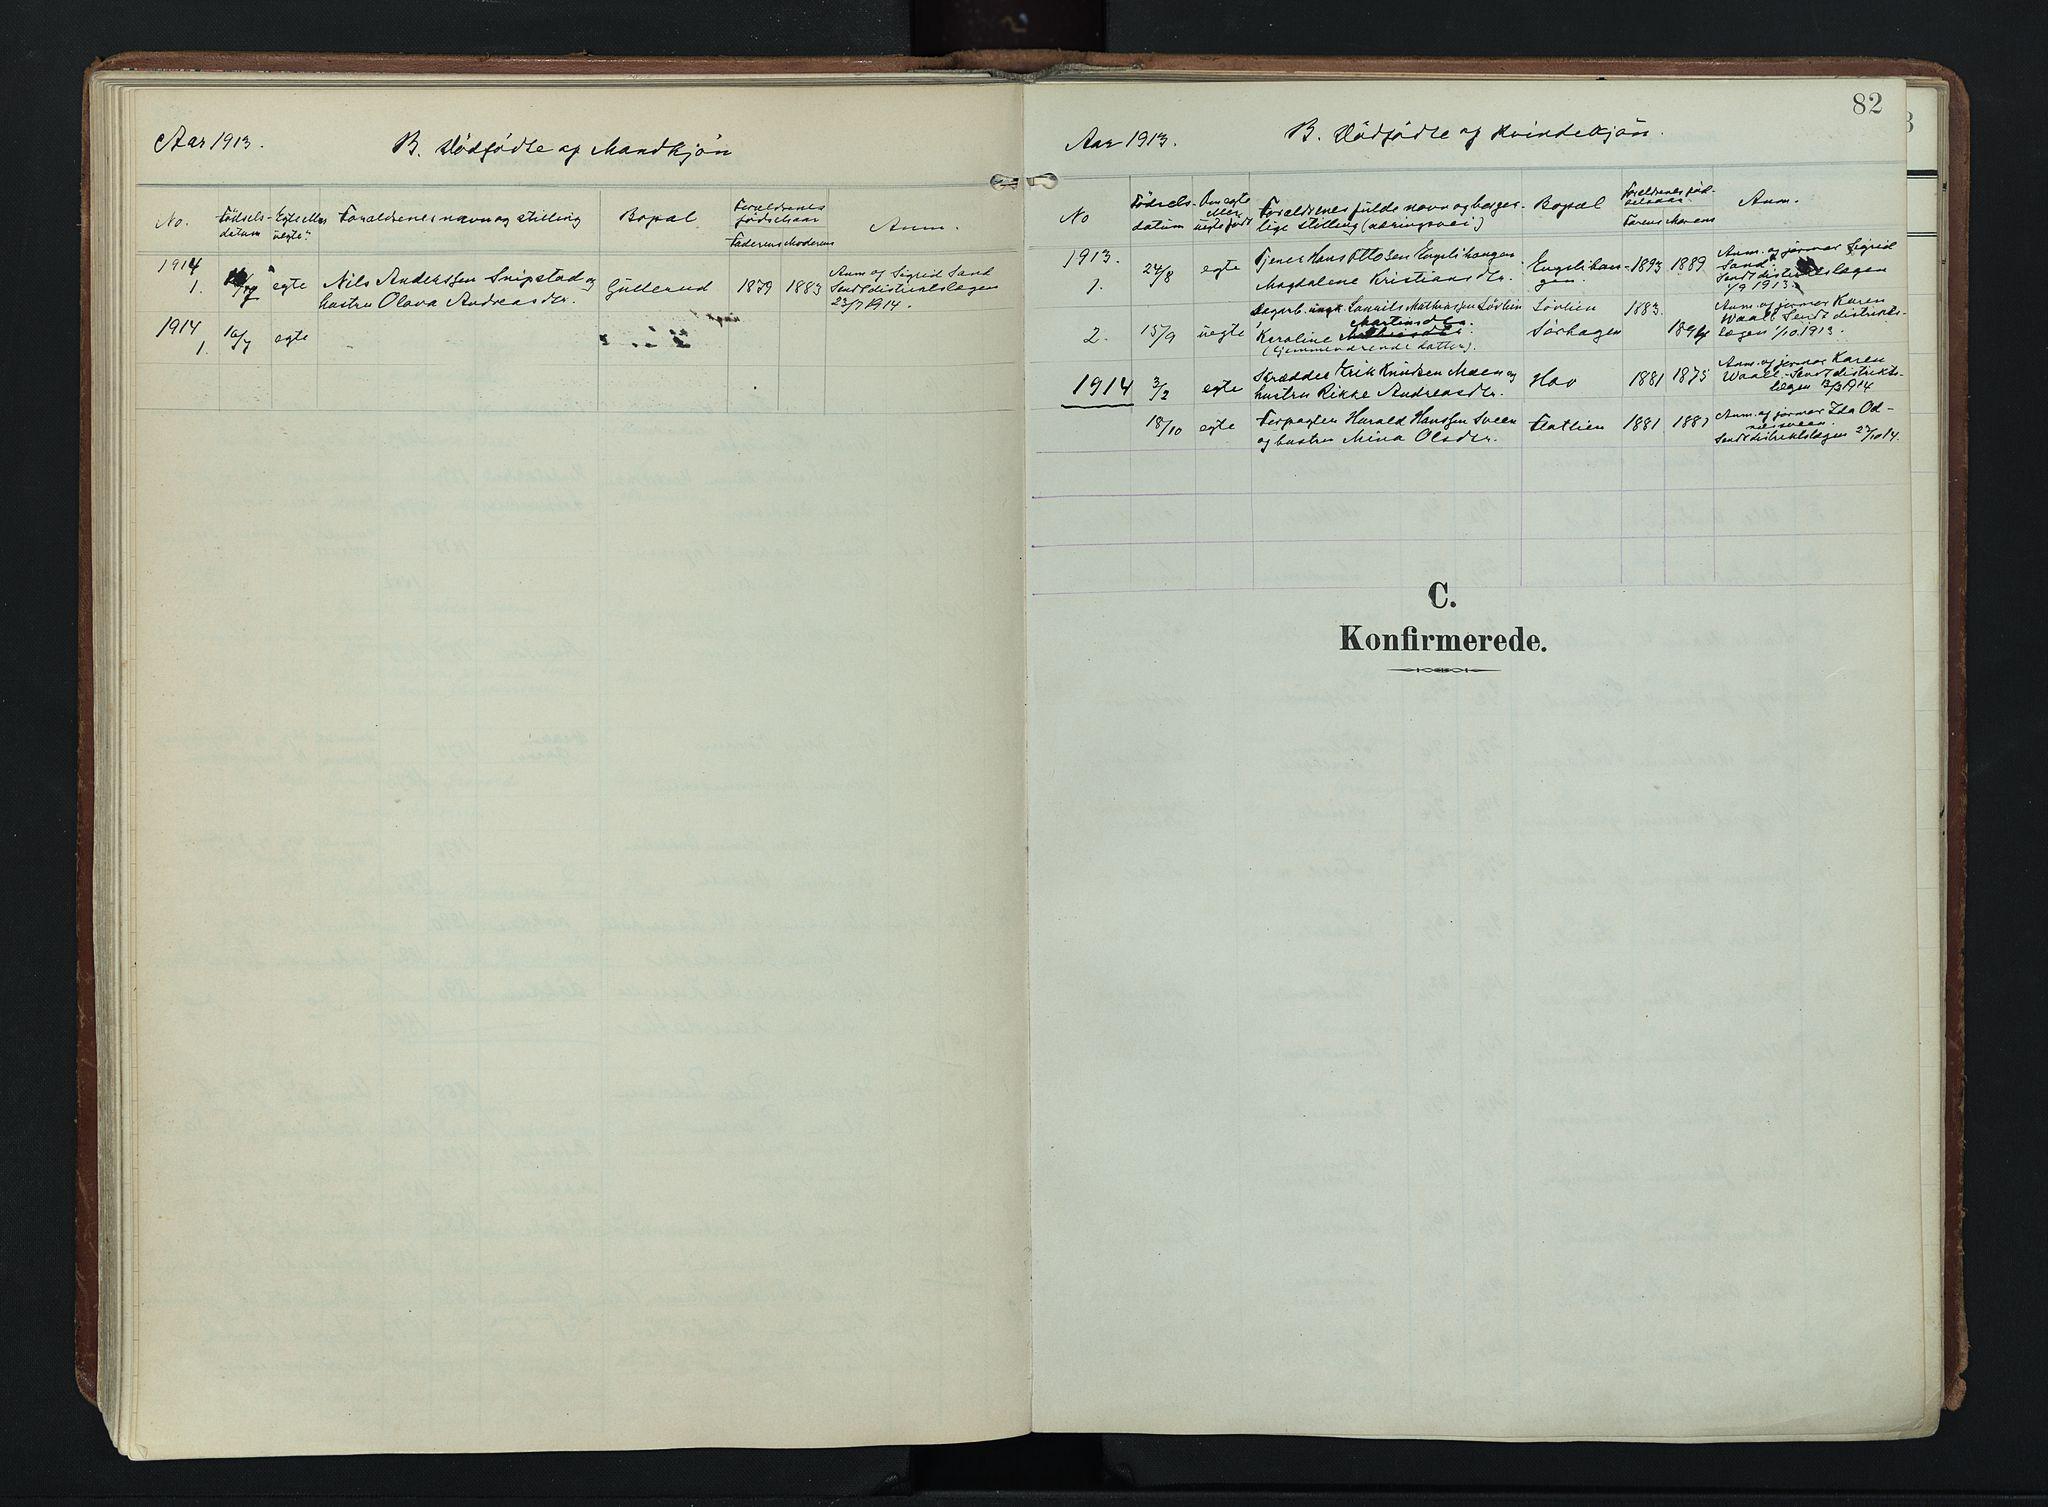 SAH, Søndre Land prestekontor, K/L0007: Ministerialbok nr. 7, 1905-1914, s. 82